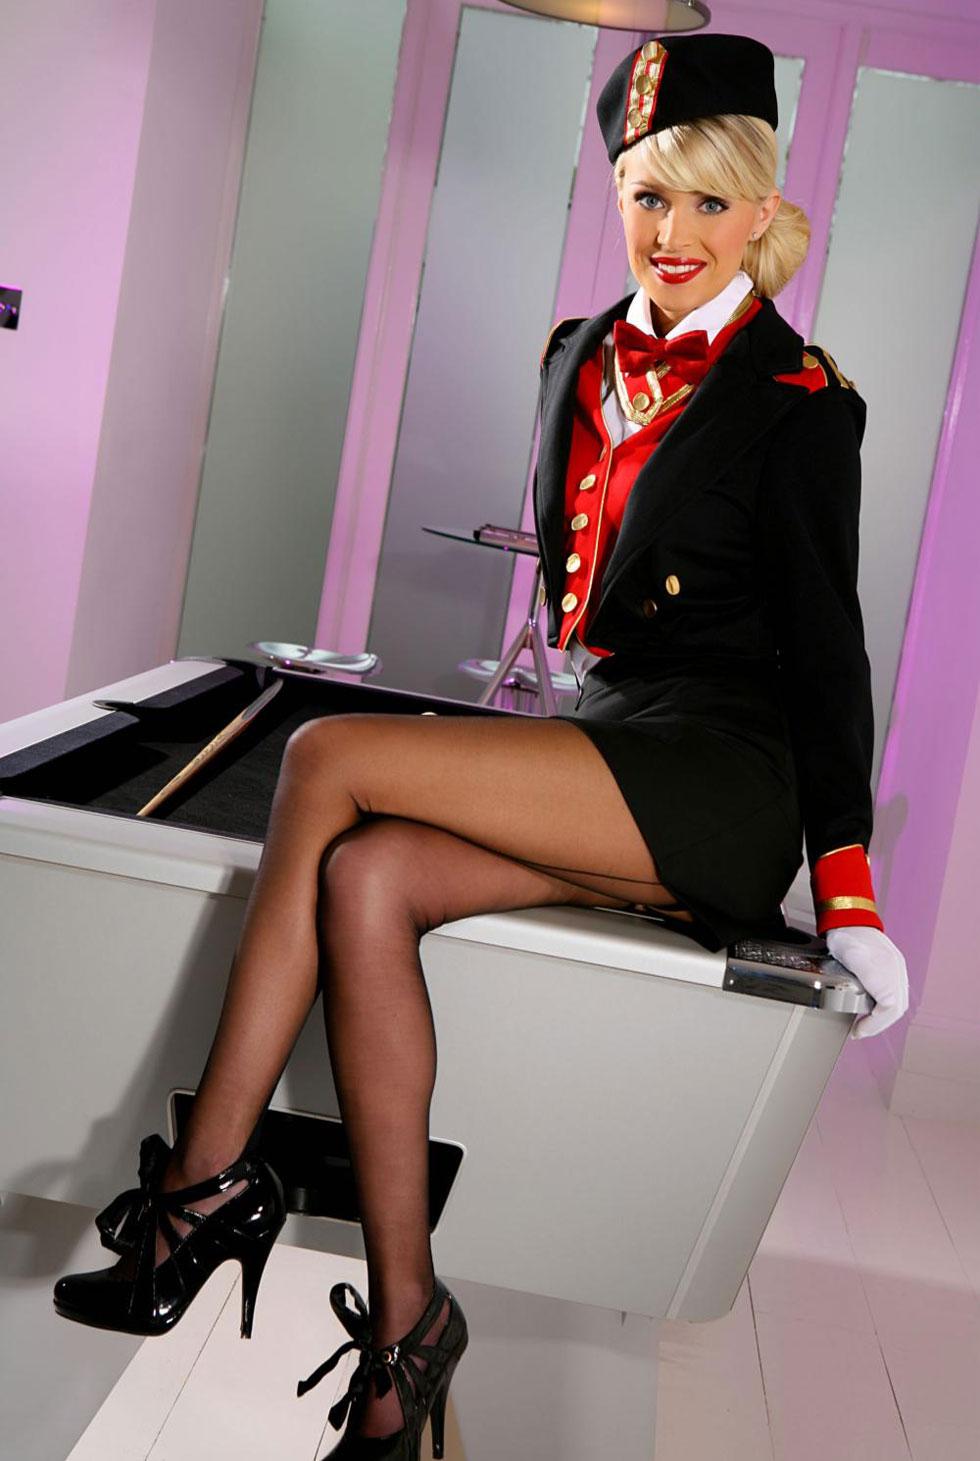 Стюардесса в колготках фото 28 фотография